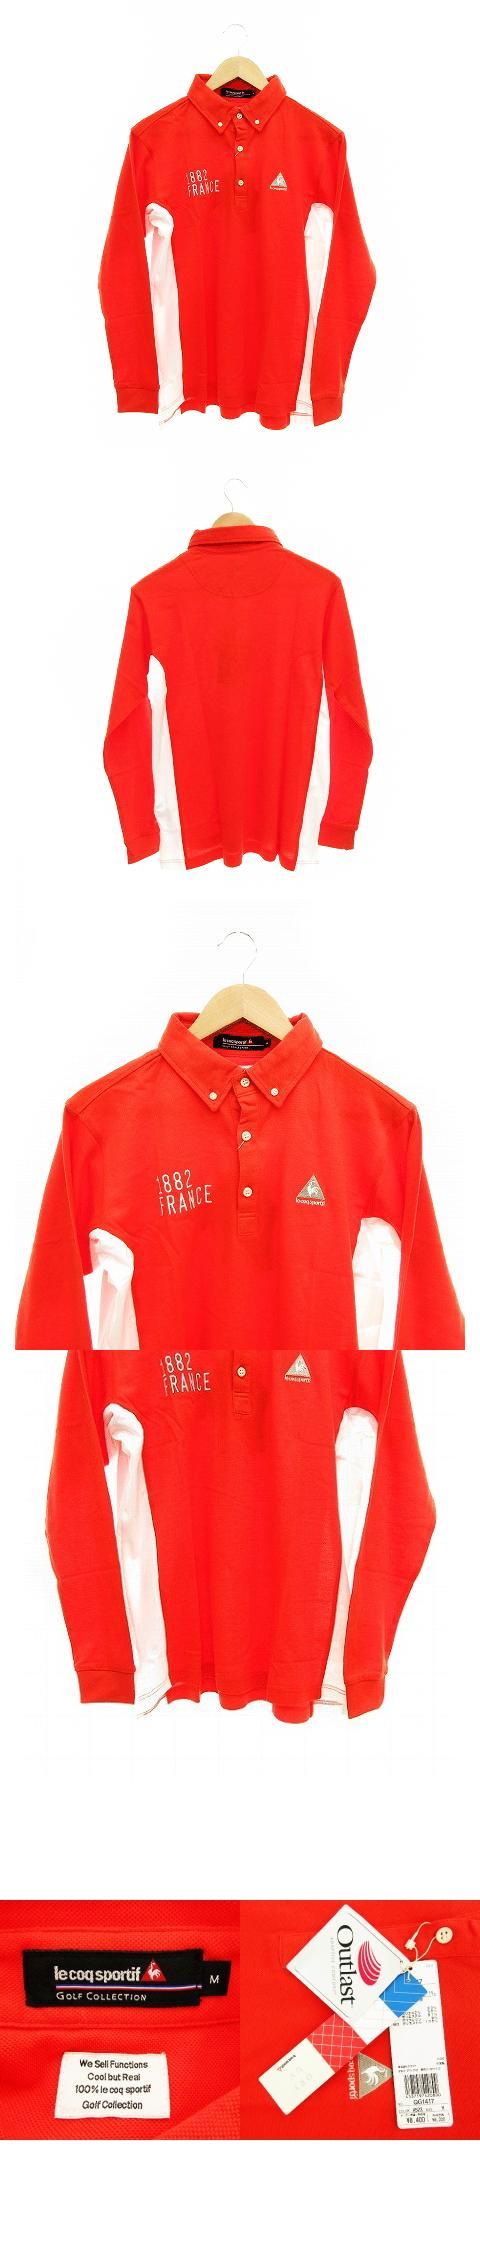 ポロシャツ カットソー ボタンダウン ヘンリーネック 長袖 鹿の子 ワンポイント M 赤 白 /KK